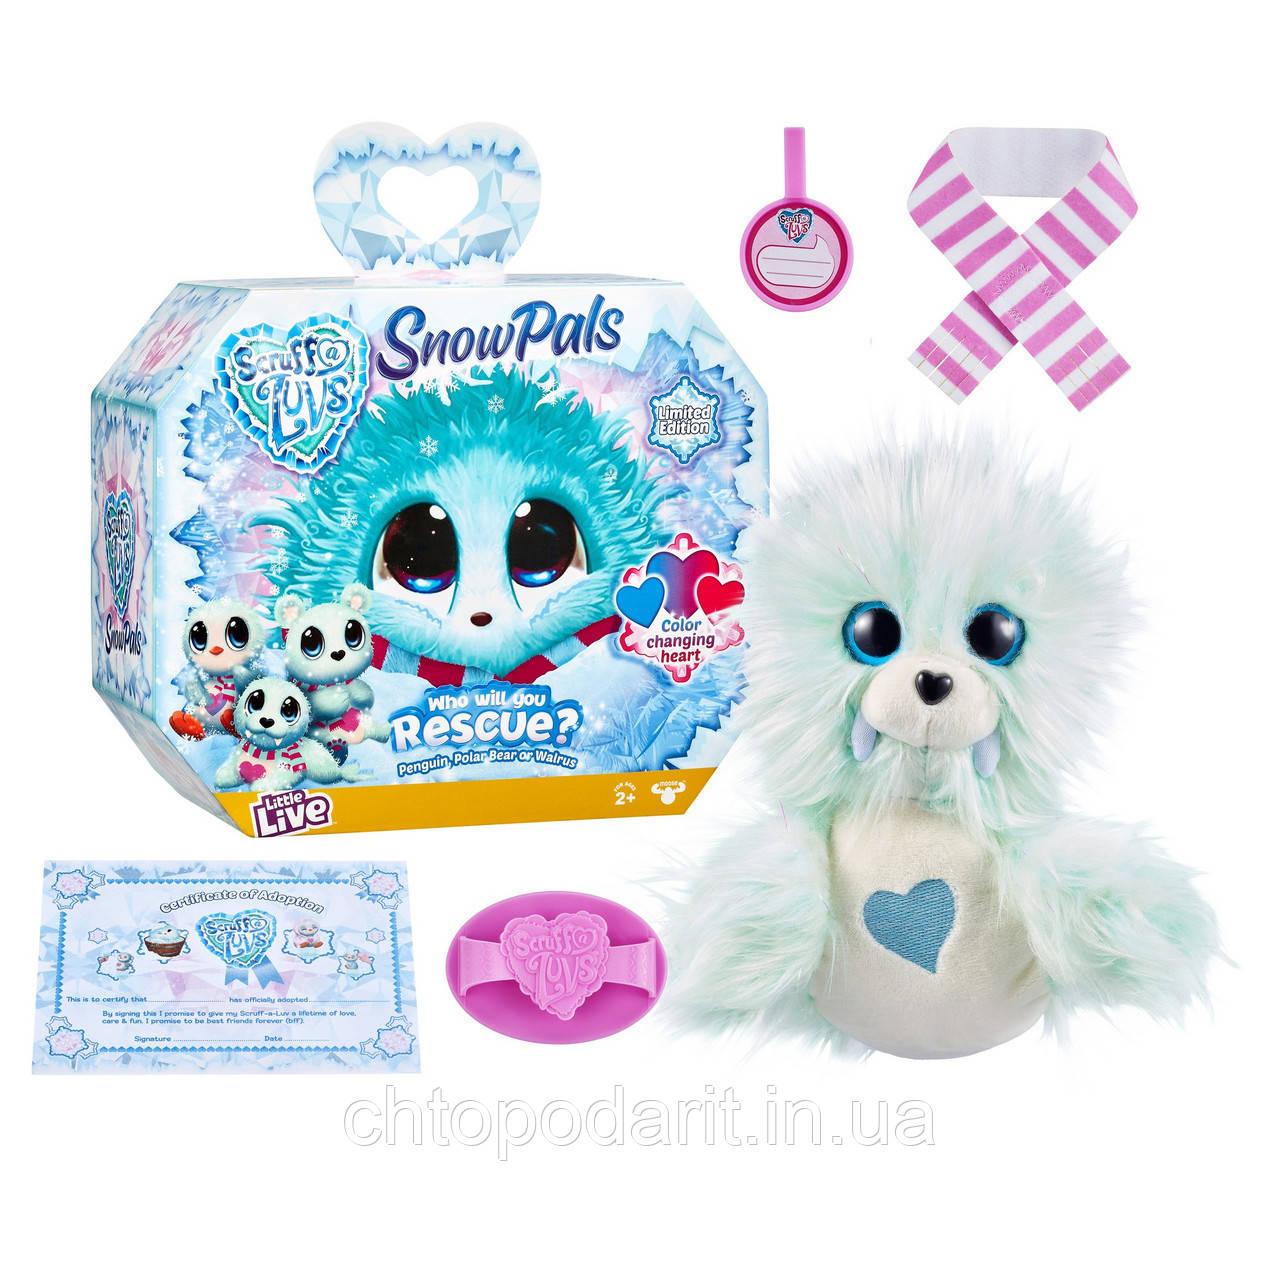 Пушистик потеряшка «Снежные друзья» игрушка сюрприз Scruff A Luvs Snow Pals Код 12-2083